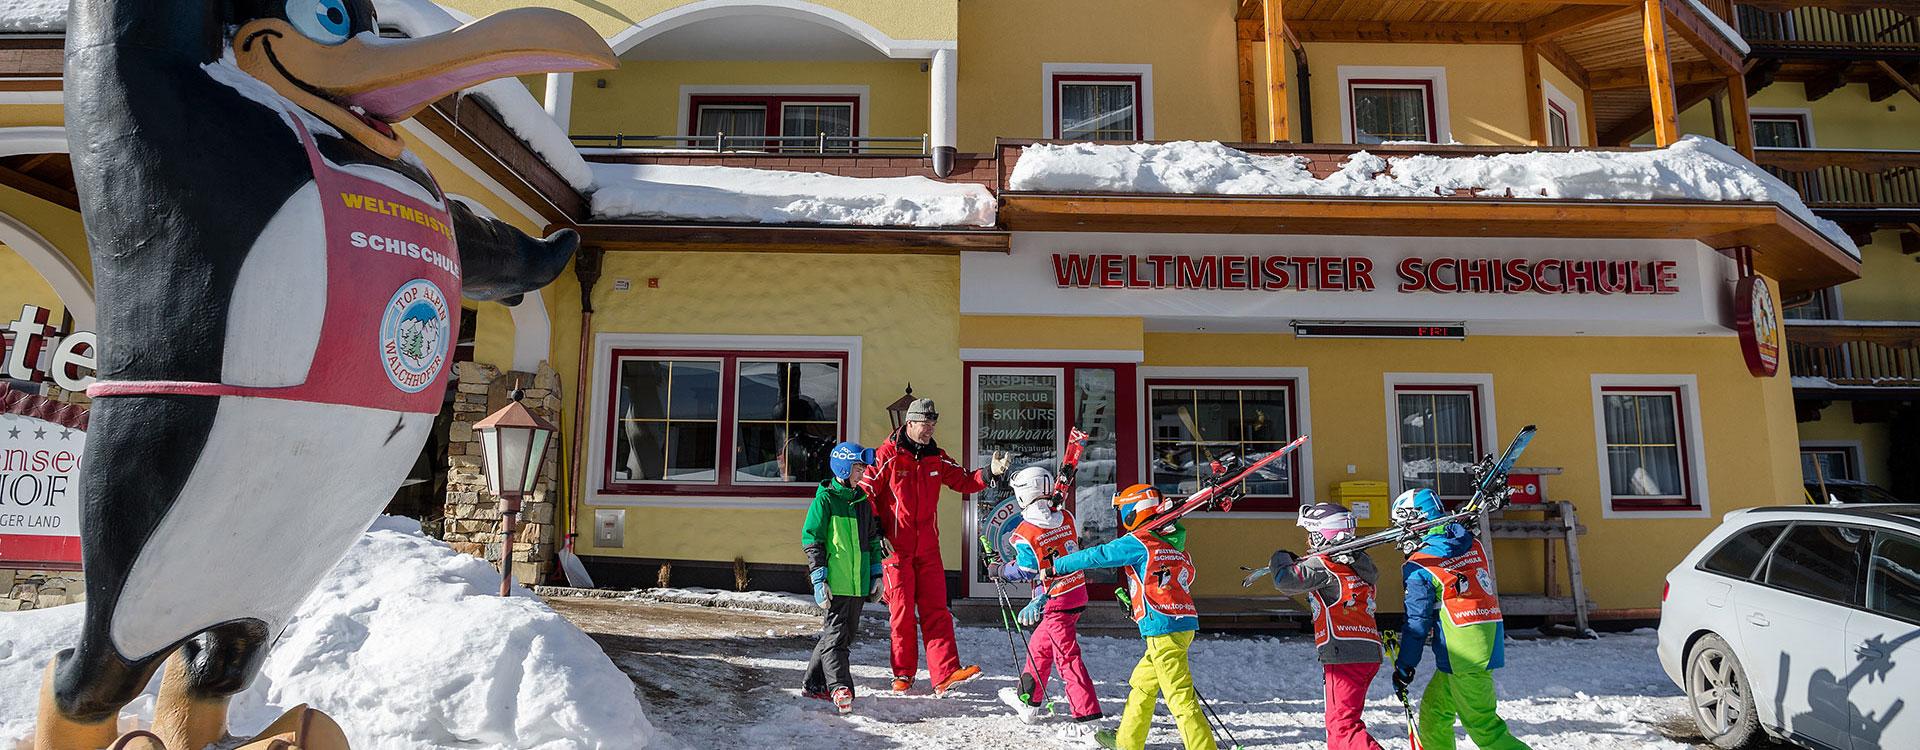 Skischulbüro –Schischule Top Alpin in Altenmarkt-Zauchensee, Ski amadé